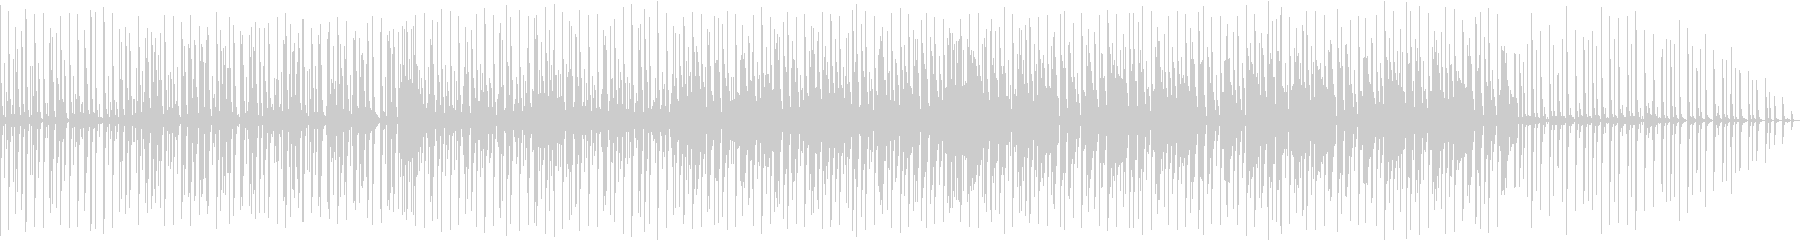 テレビ番組の研究番組で流れるような音楽の未再生の波形